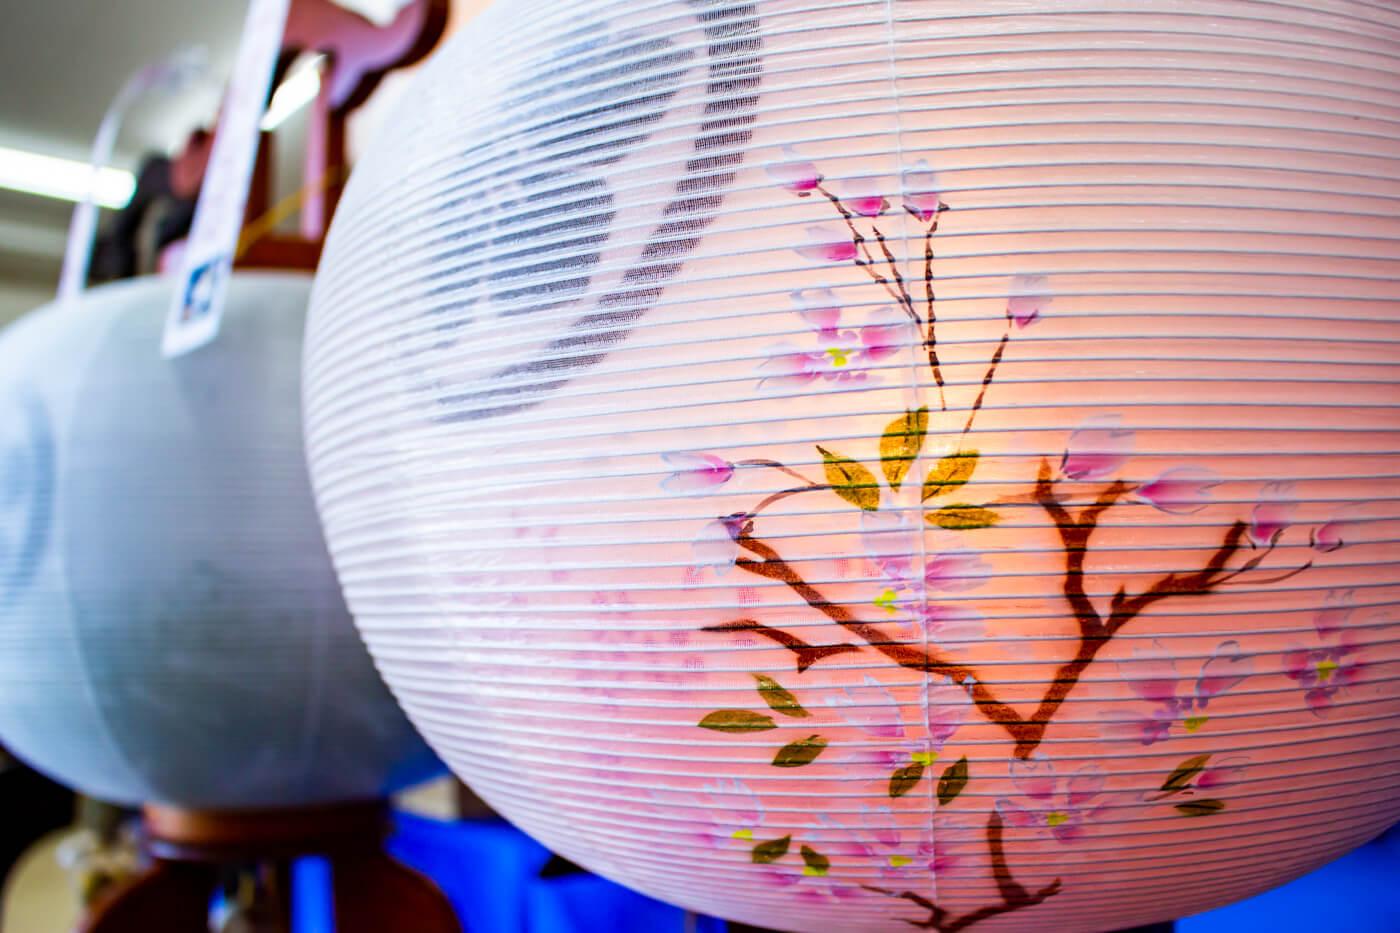 桜の蒔絵が施された大内行灯